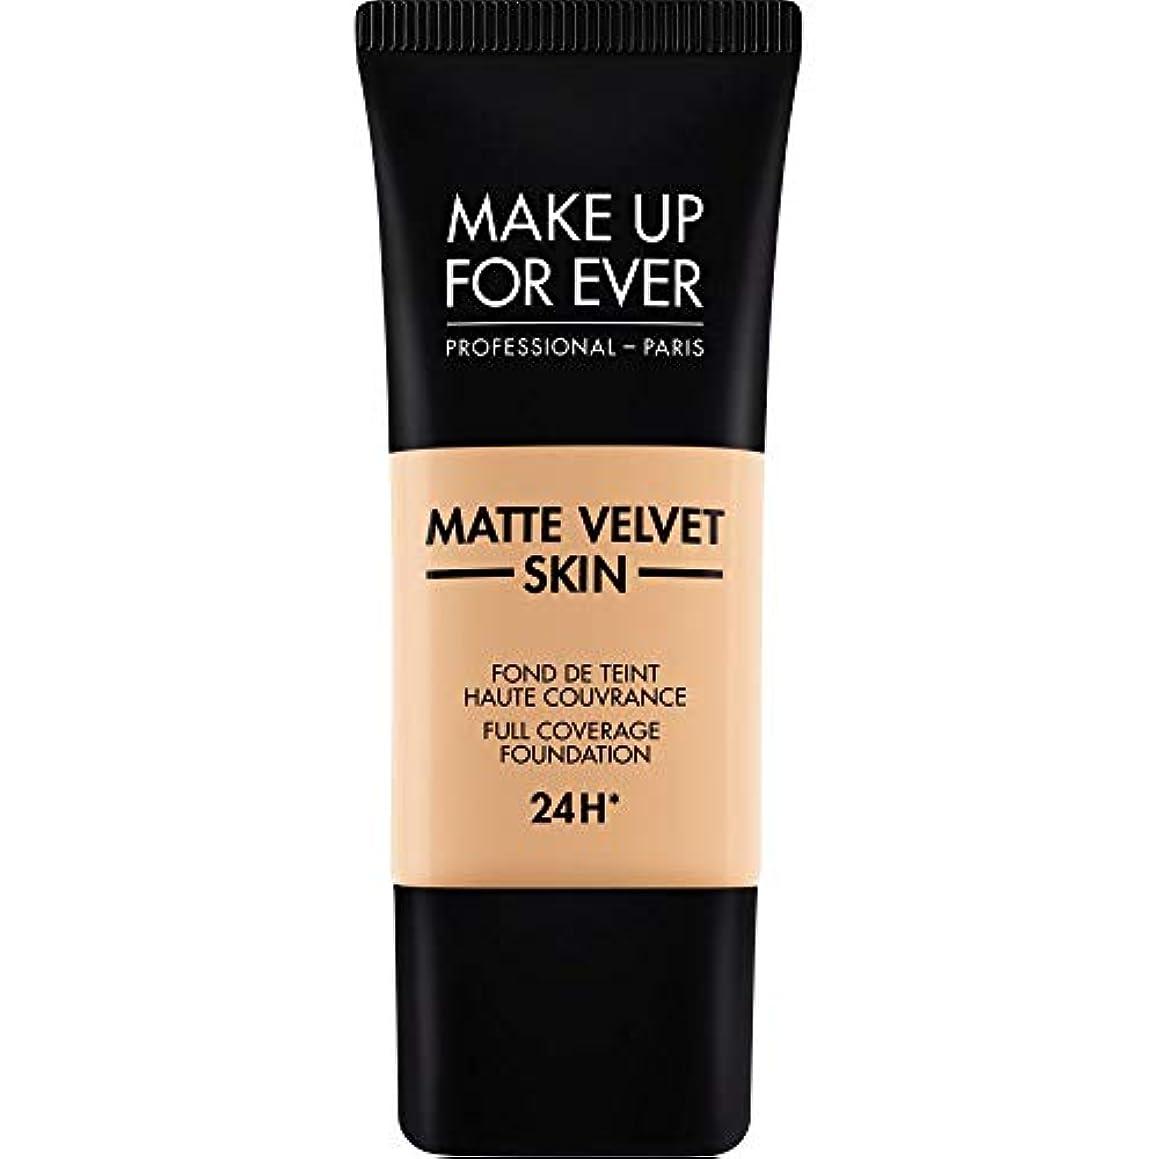 虎建設カレッジ[MAKE UP FOR EVER] ソフトベージュ - これまでマットベルベットの皮膚のフルカバレッジ基礎30ミリリットルのY305を補います - MAKE UP FOR EVER Matte Velvet Skin...